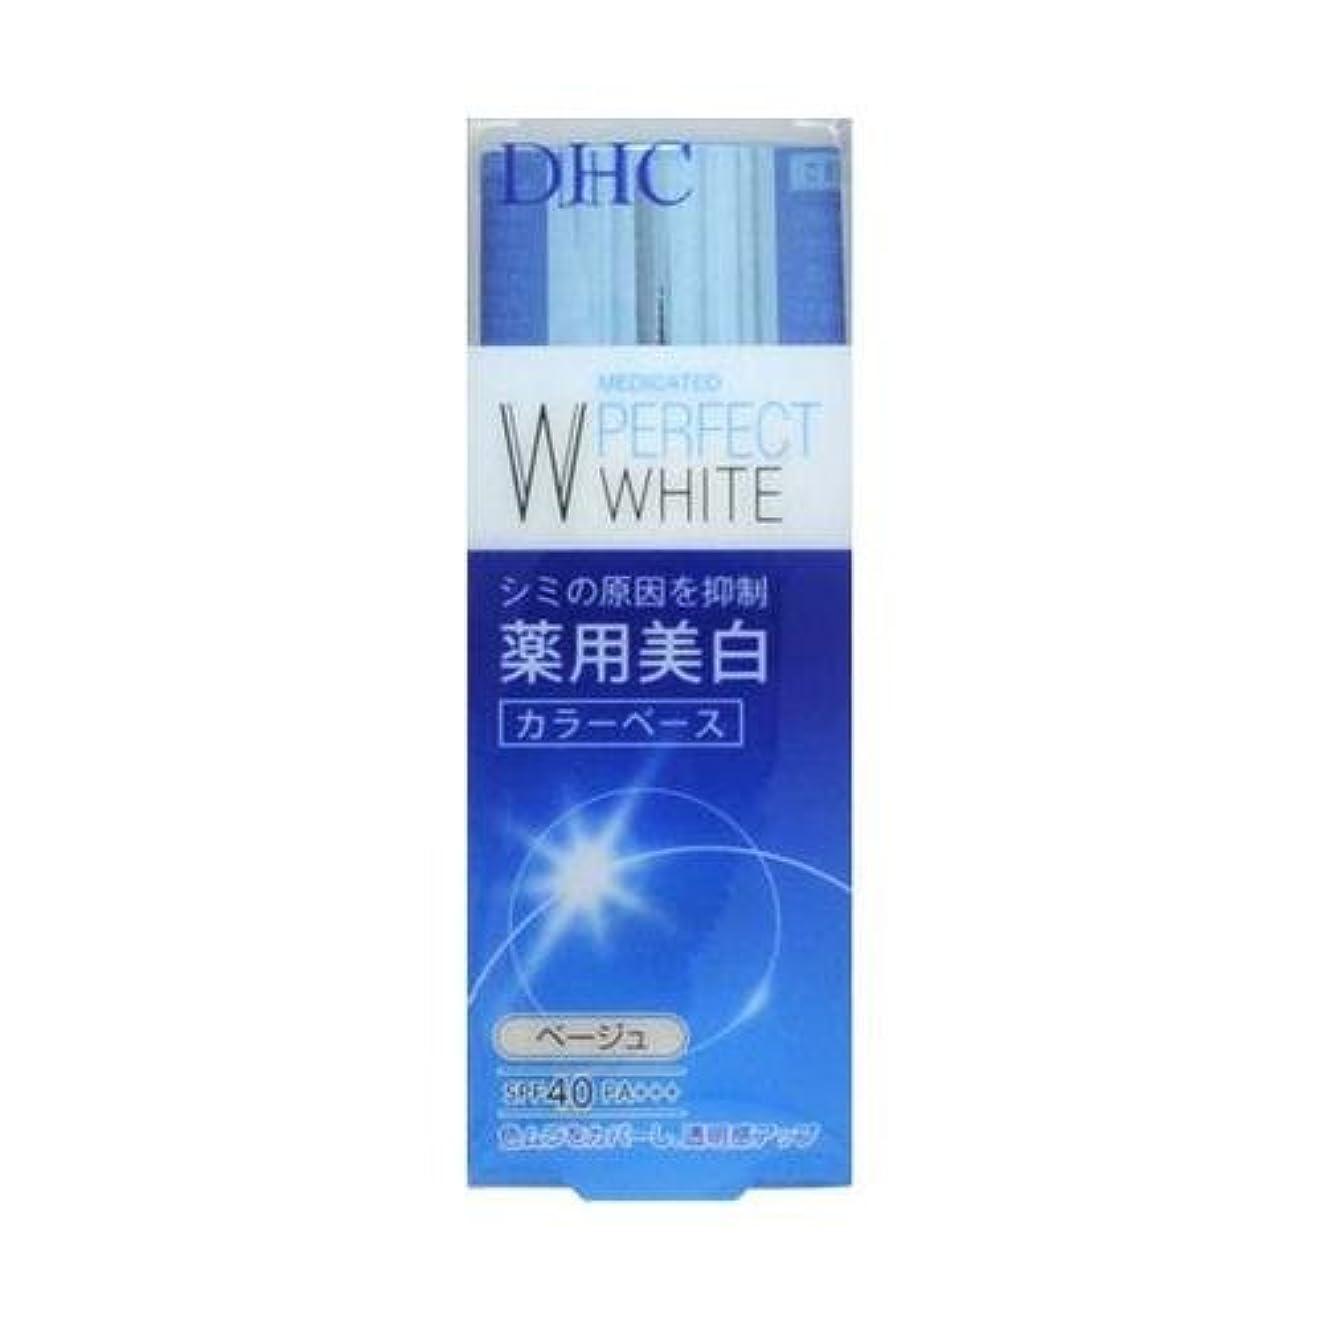 ヒョウスリム誘うDHC 薬用パーフェクトホワイト カラーベース アプリコット 30g(医薬部外品)